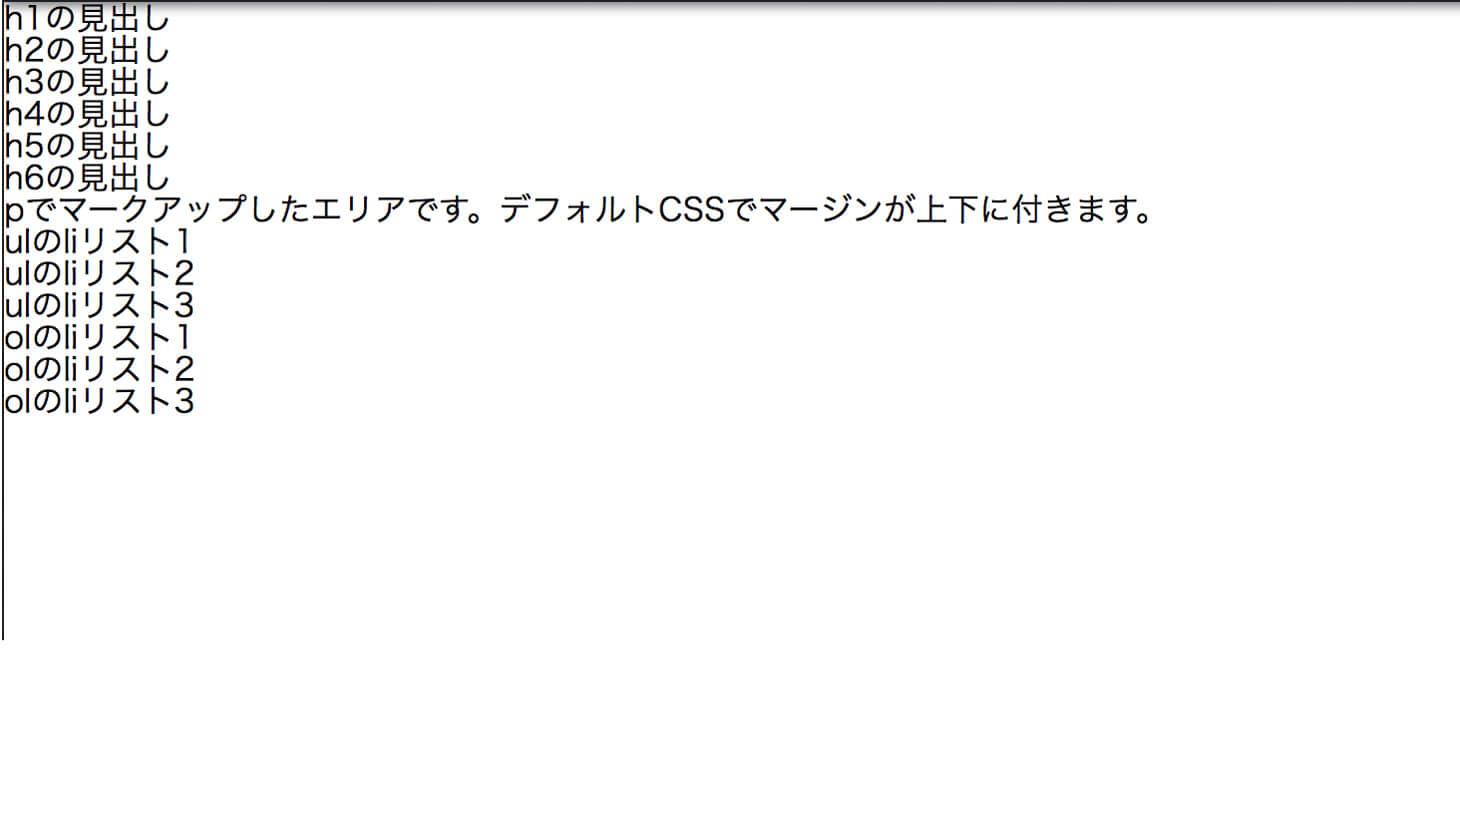 リセットCSSのブラウザ表示